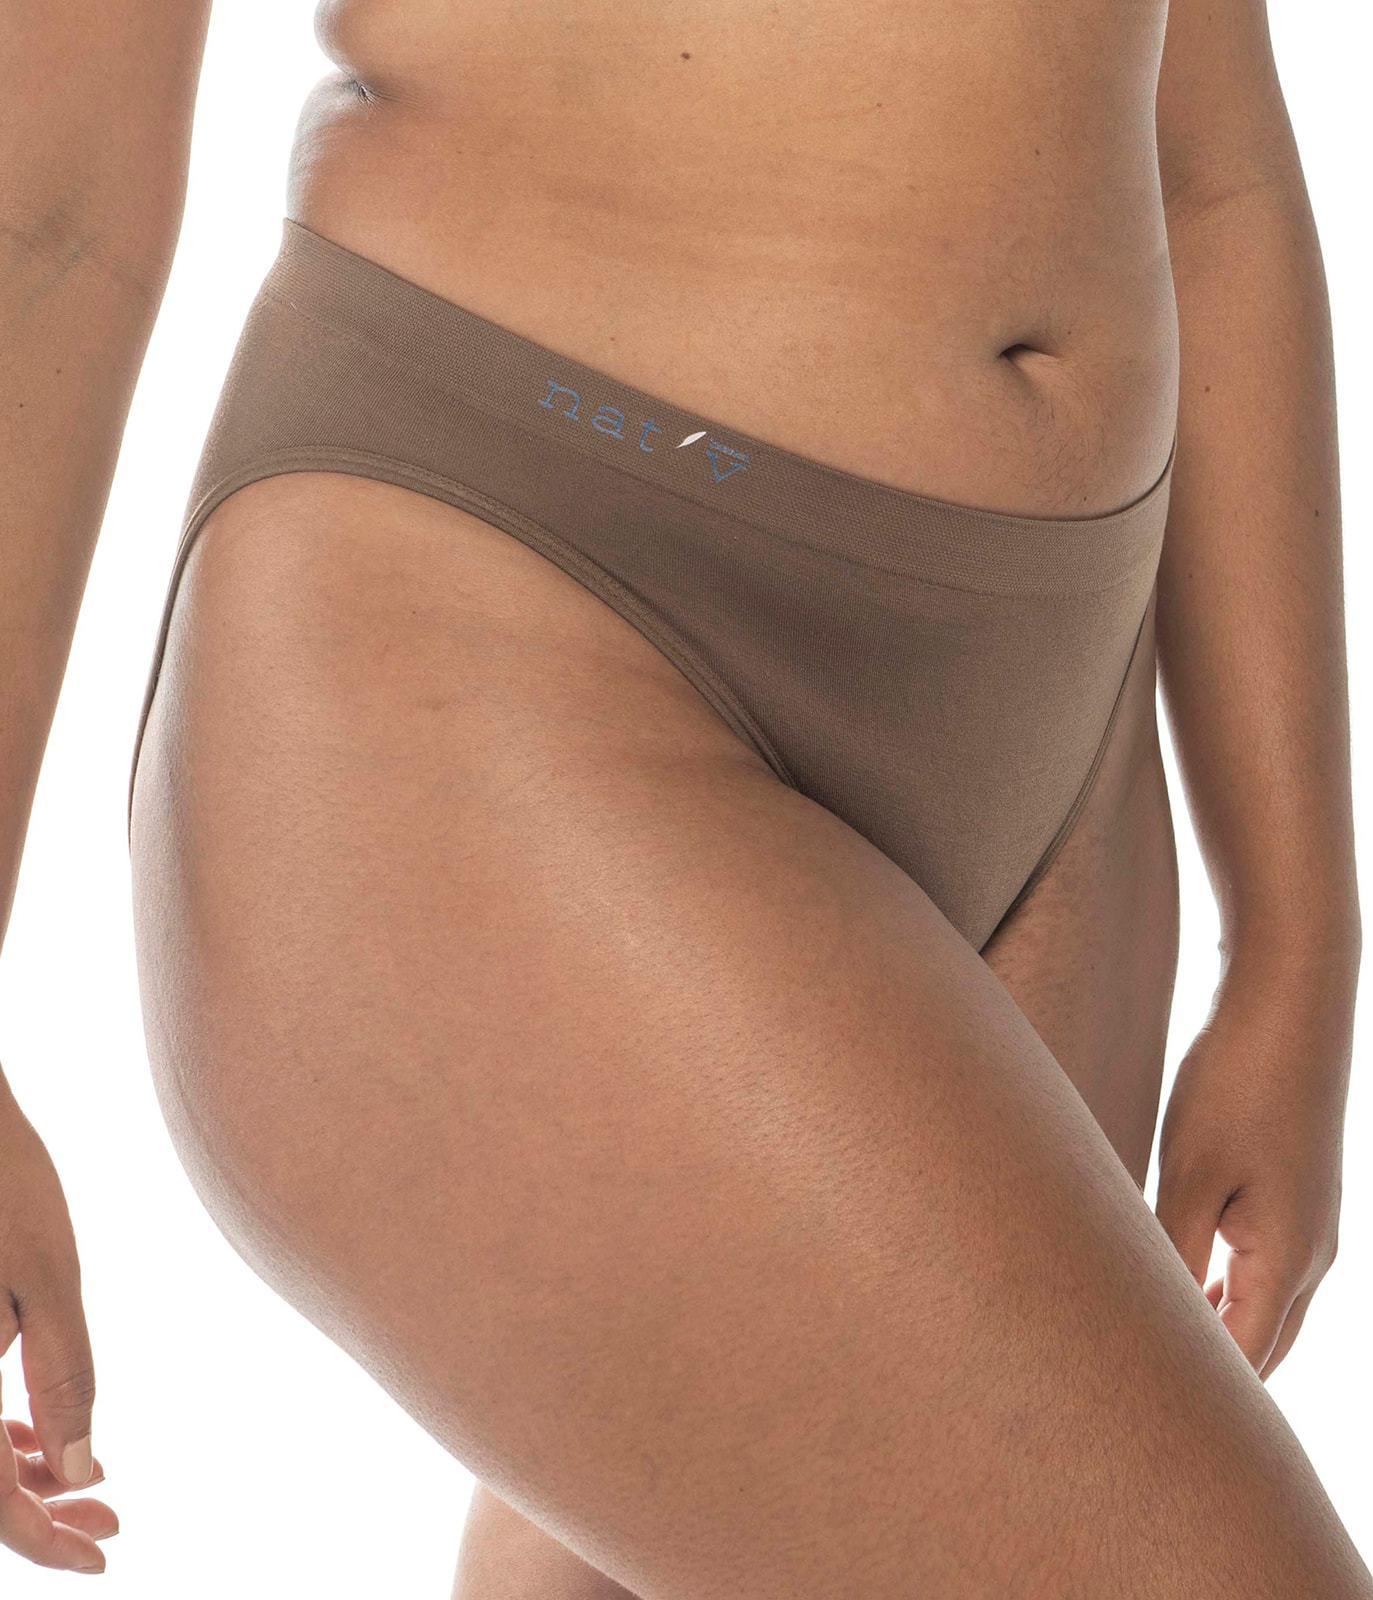 Nat'V Basics Callie Bikini Brief Bronze